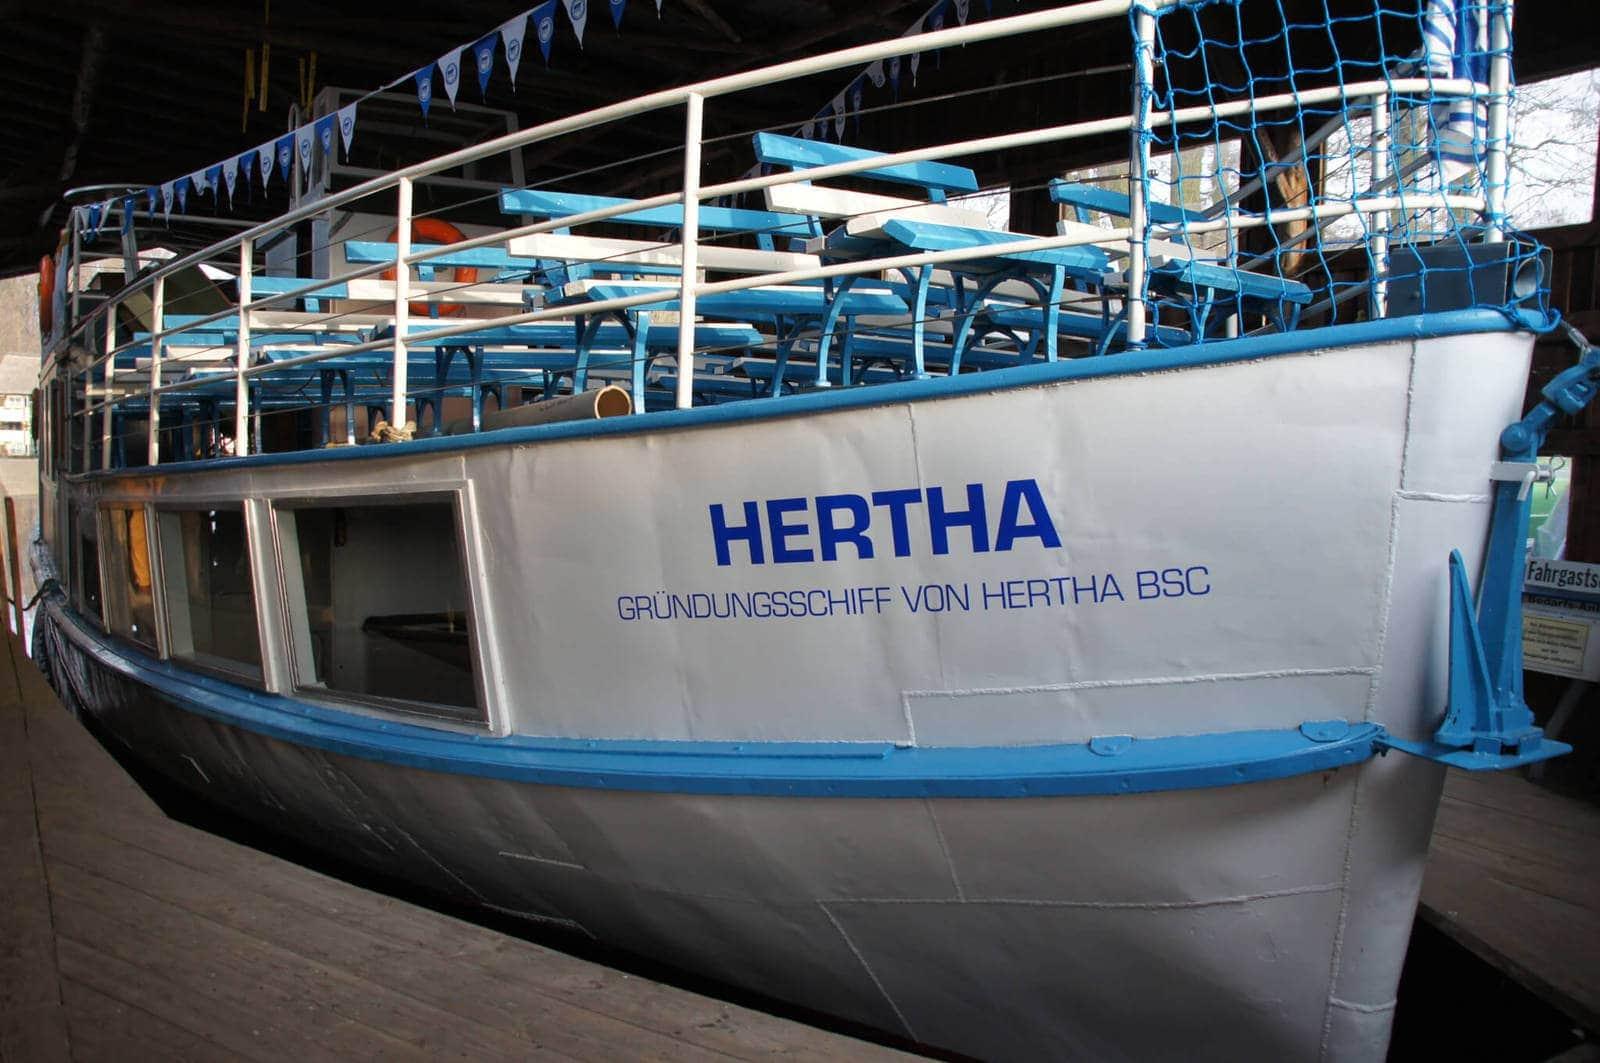 rbb-Fernsehen machte vom Hertha-Gründungsschiff Filmaufnahmen für´s zibb-Magazin